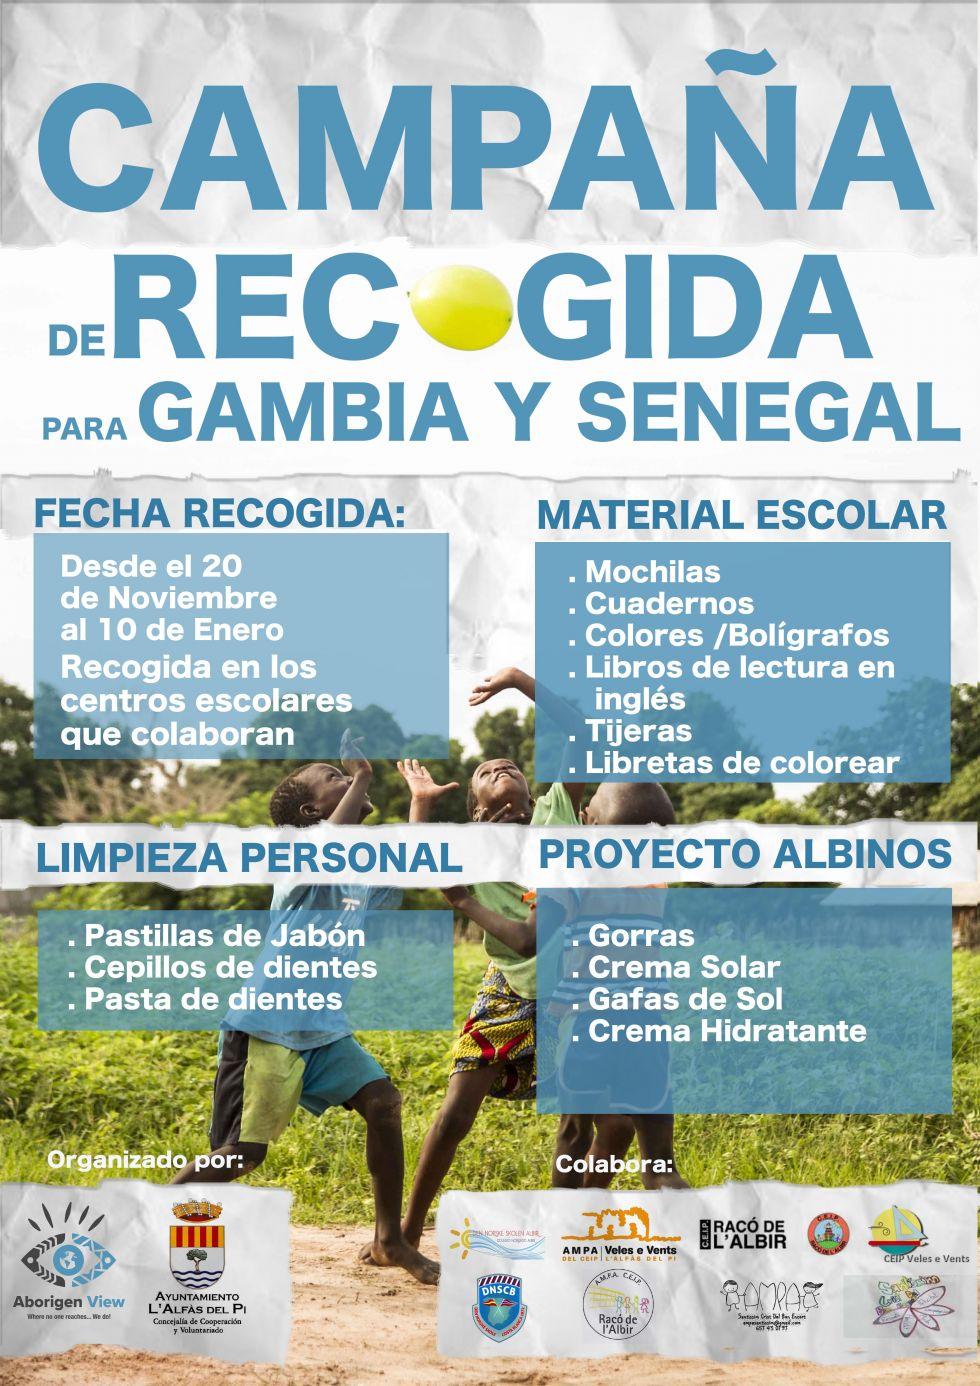 Cooperación-y-Voluntariado_CARTEL-RECOGIDA-ALFAZ-DEL-PI-aborigen-view-980x1386